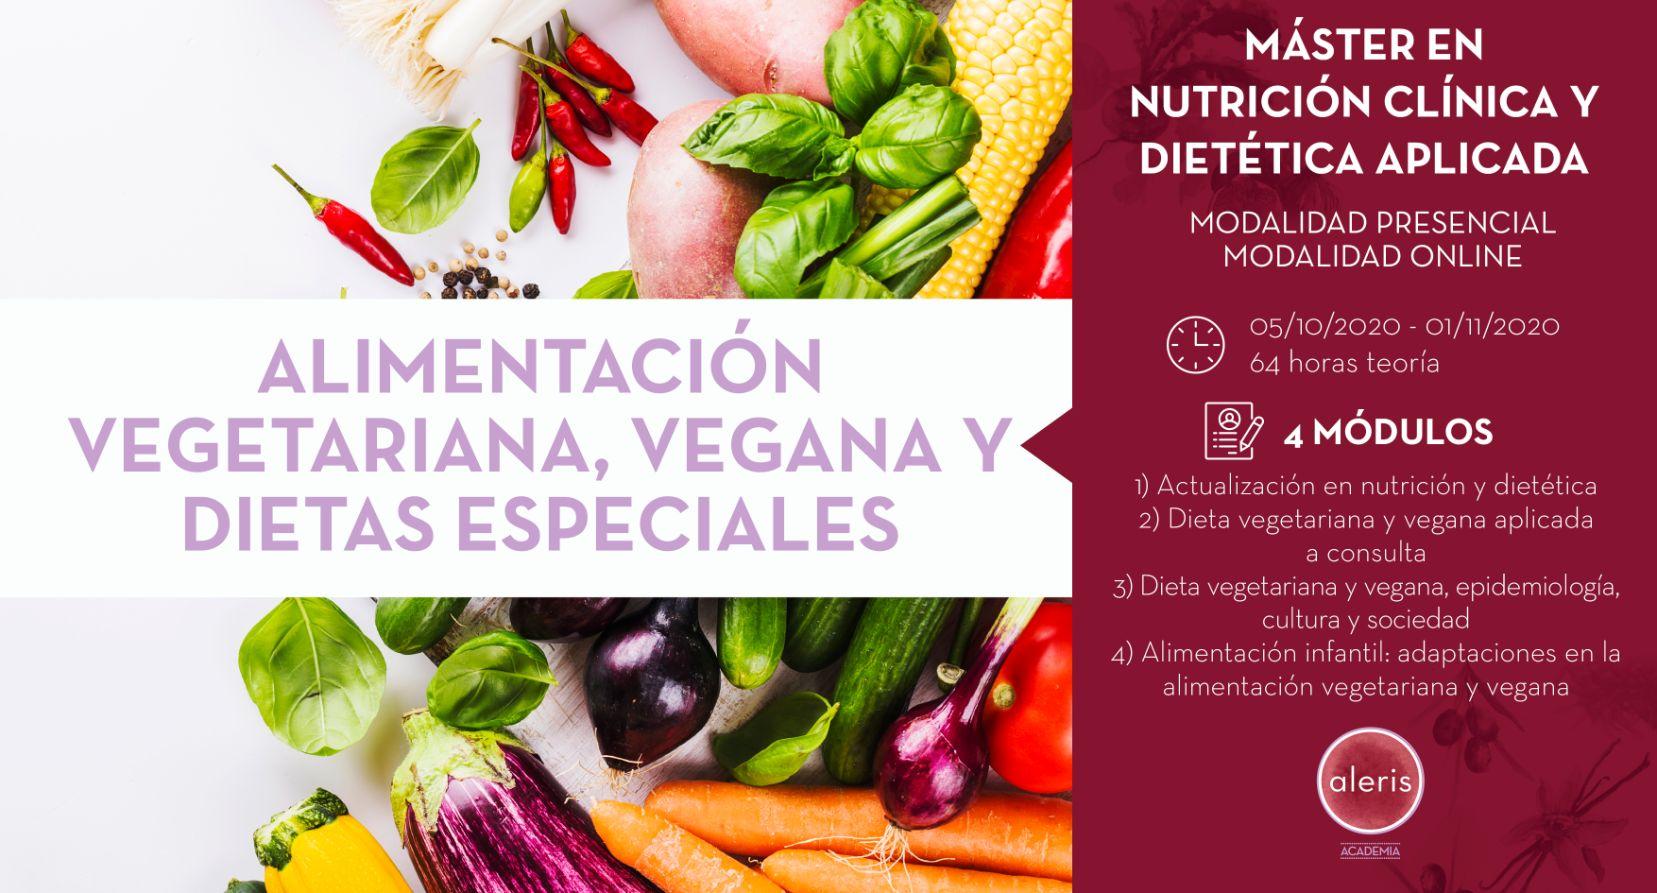 ACTUALIZACIÓN EN NUTRICIÓN Y DIETÉTICA, DIETA VEGETARIANA, VEGANA Y DIETAS ESPECIALES